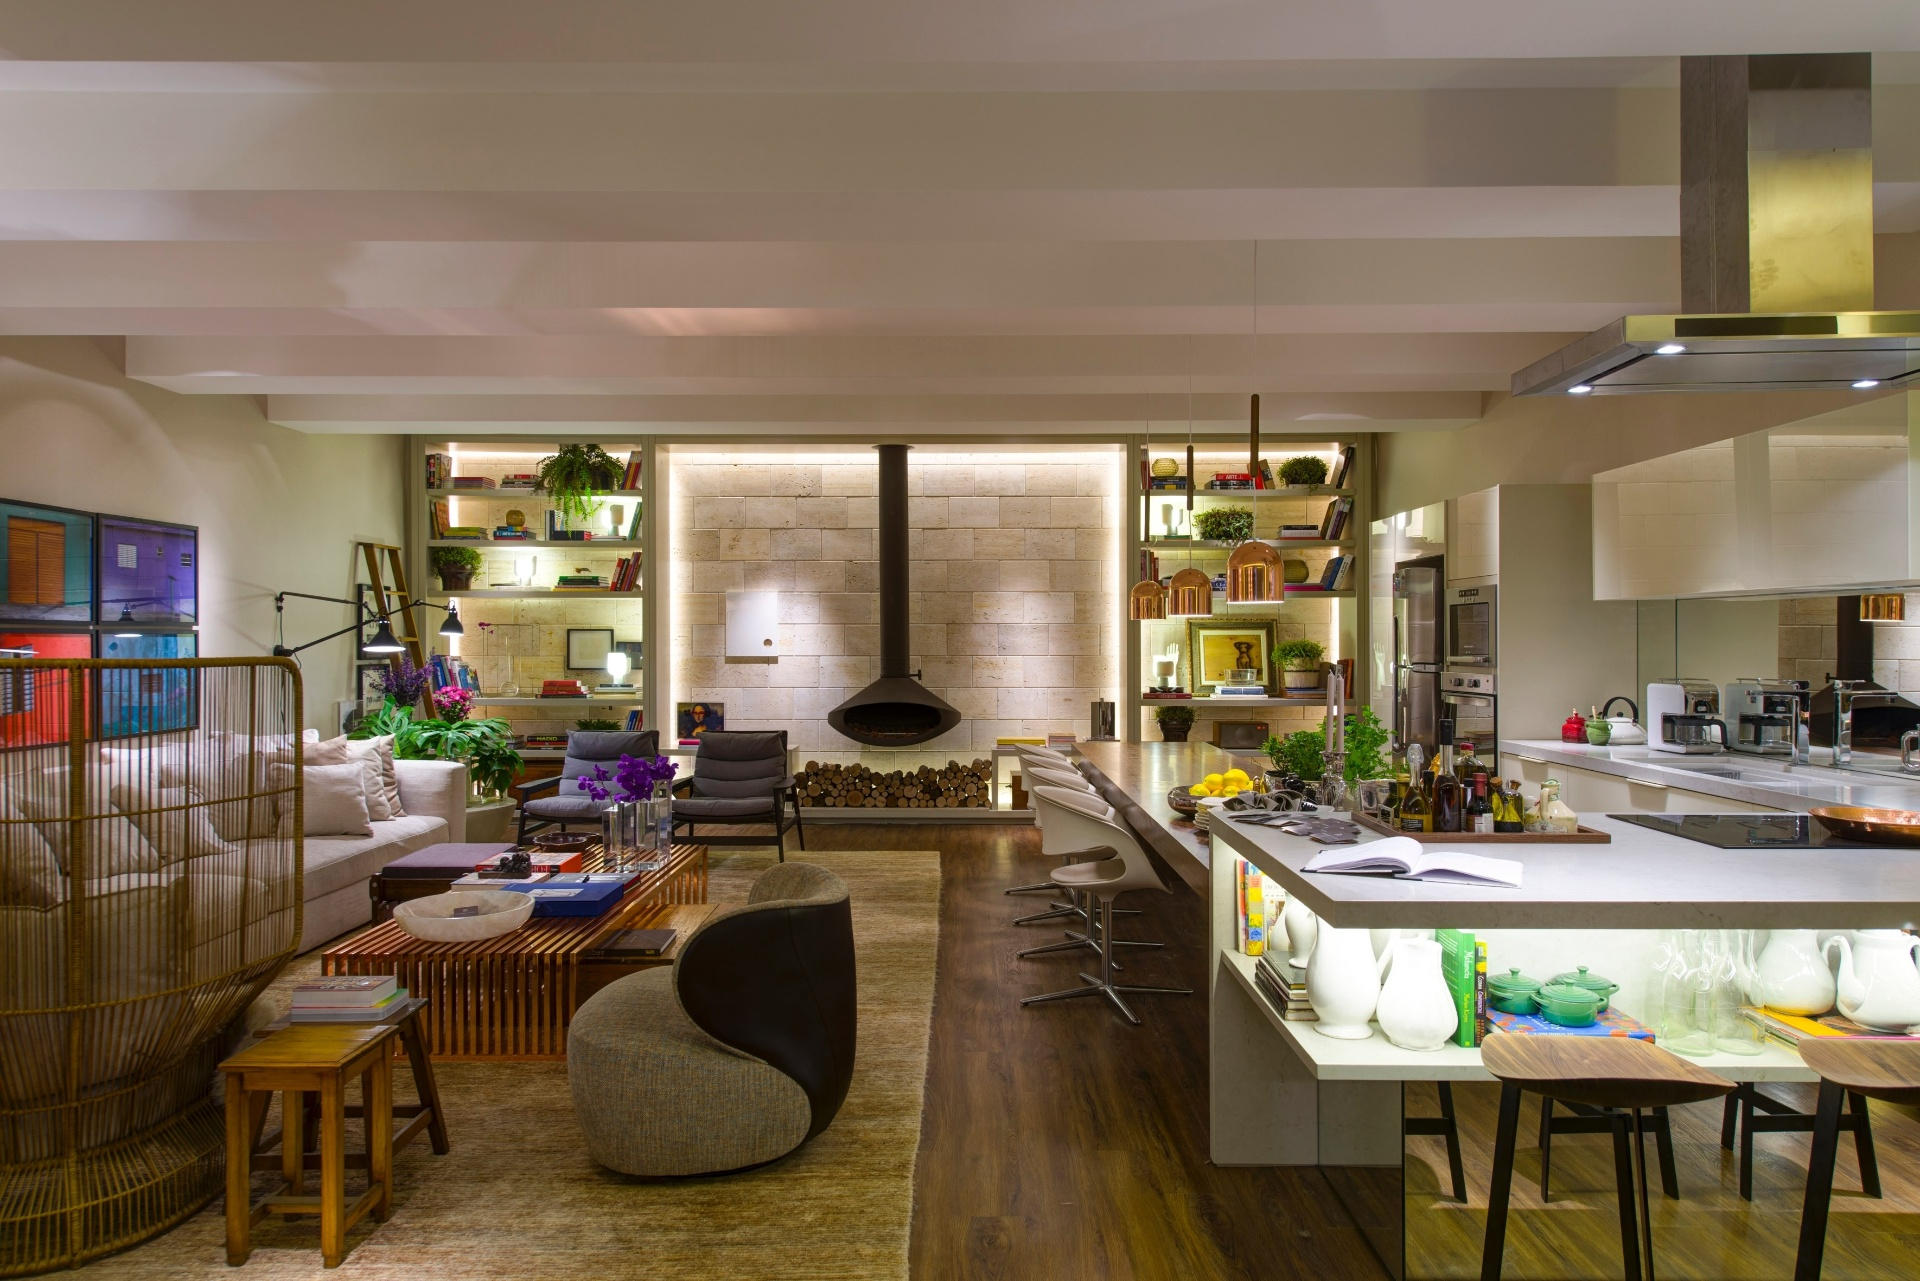 sala de estar e cozinha ao fundo a lareira construflama suspensa e #997D32 1920 1281